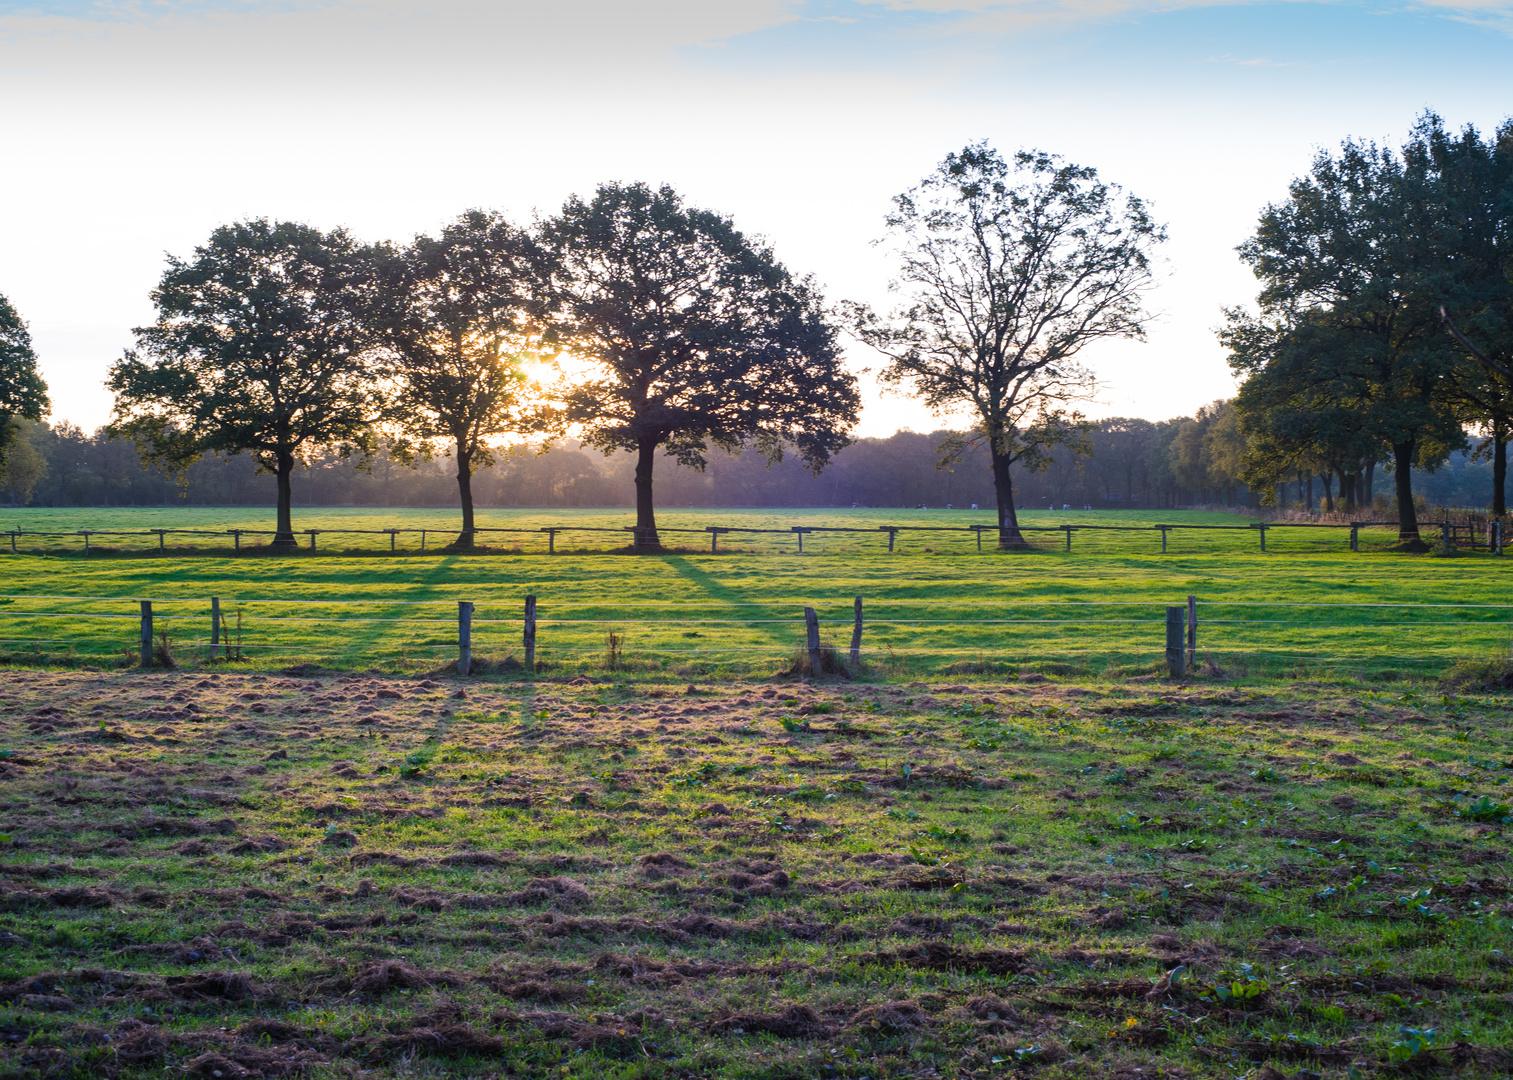 Felder vor dem Wald Klövensteen